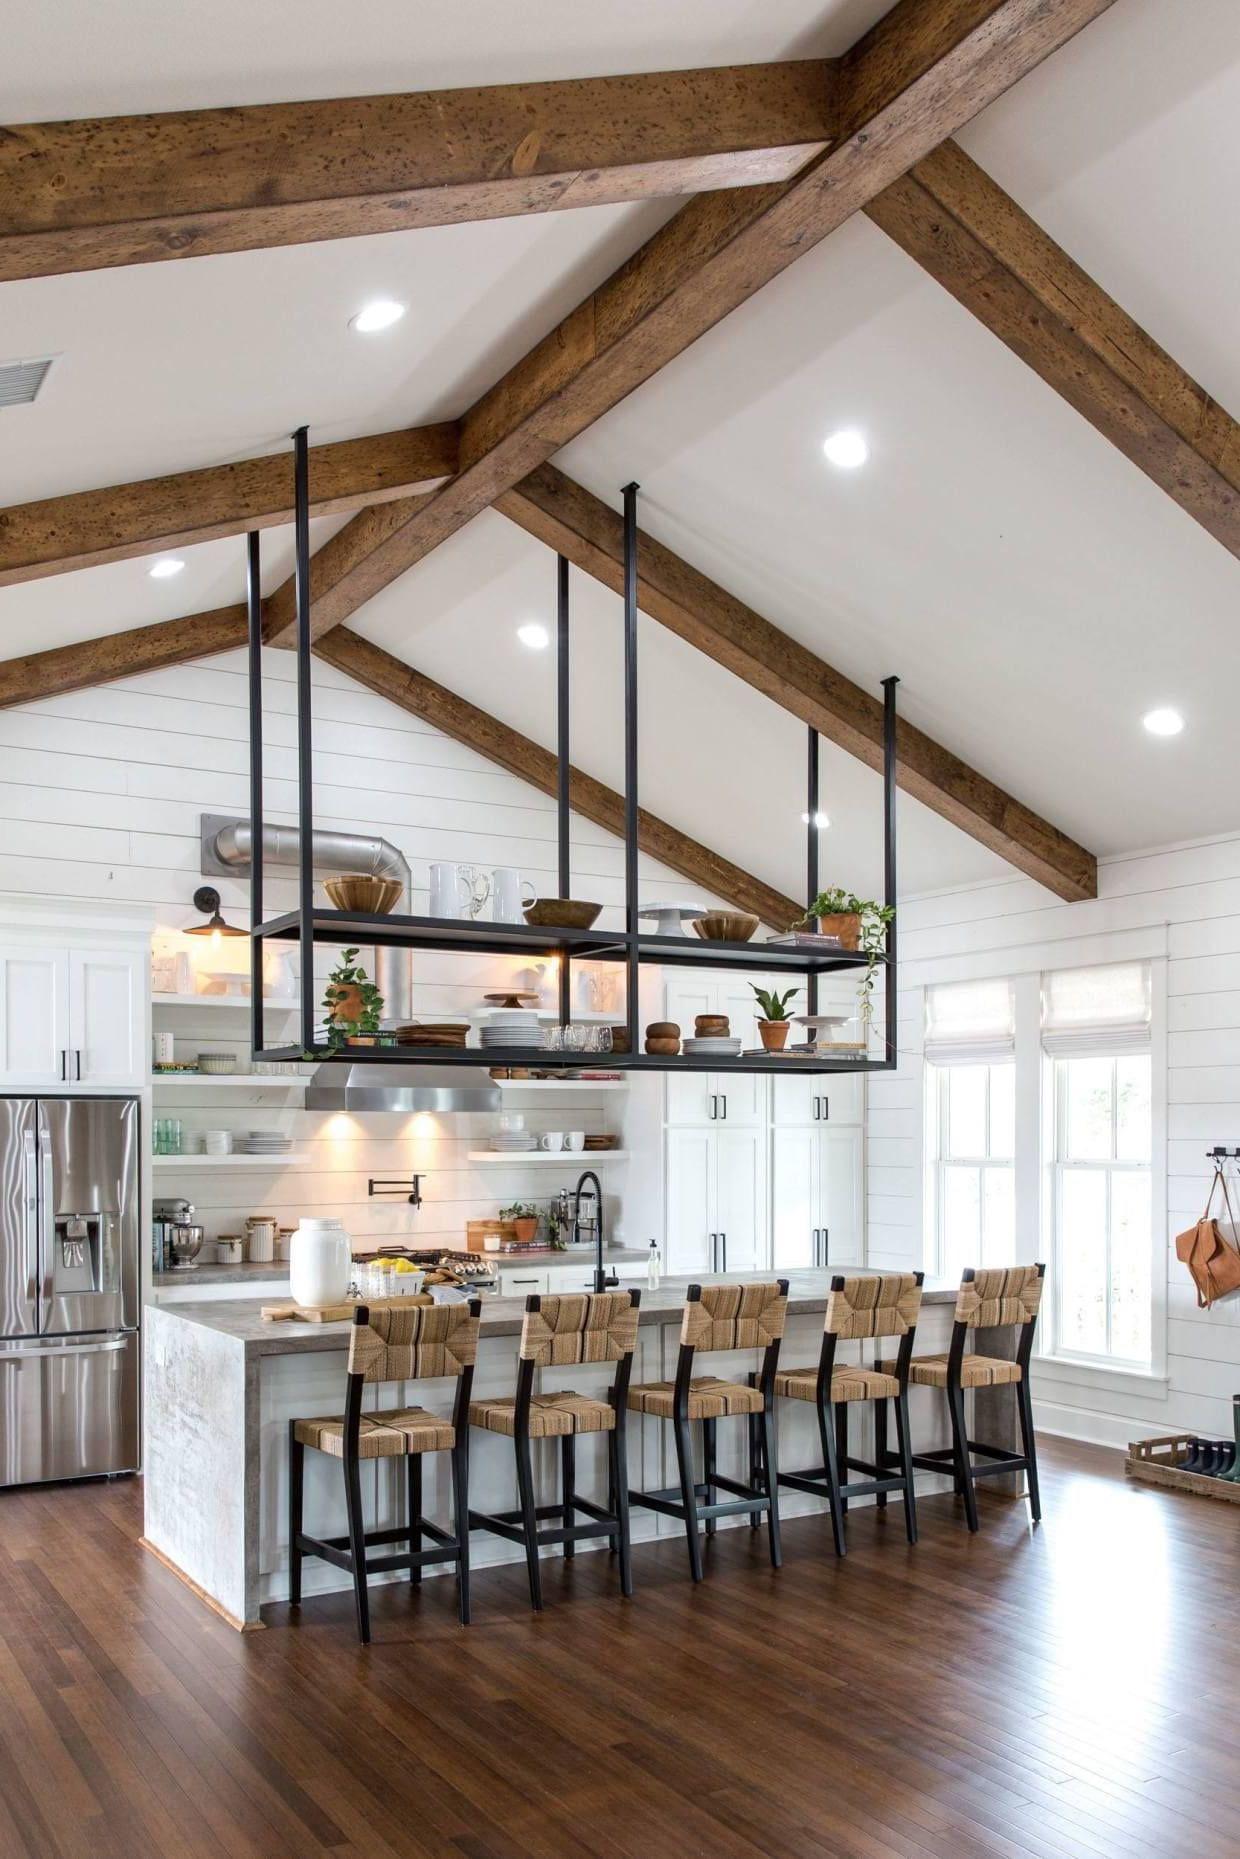 Удобное и функциональное решение для кухни с высокими потолками